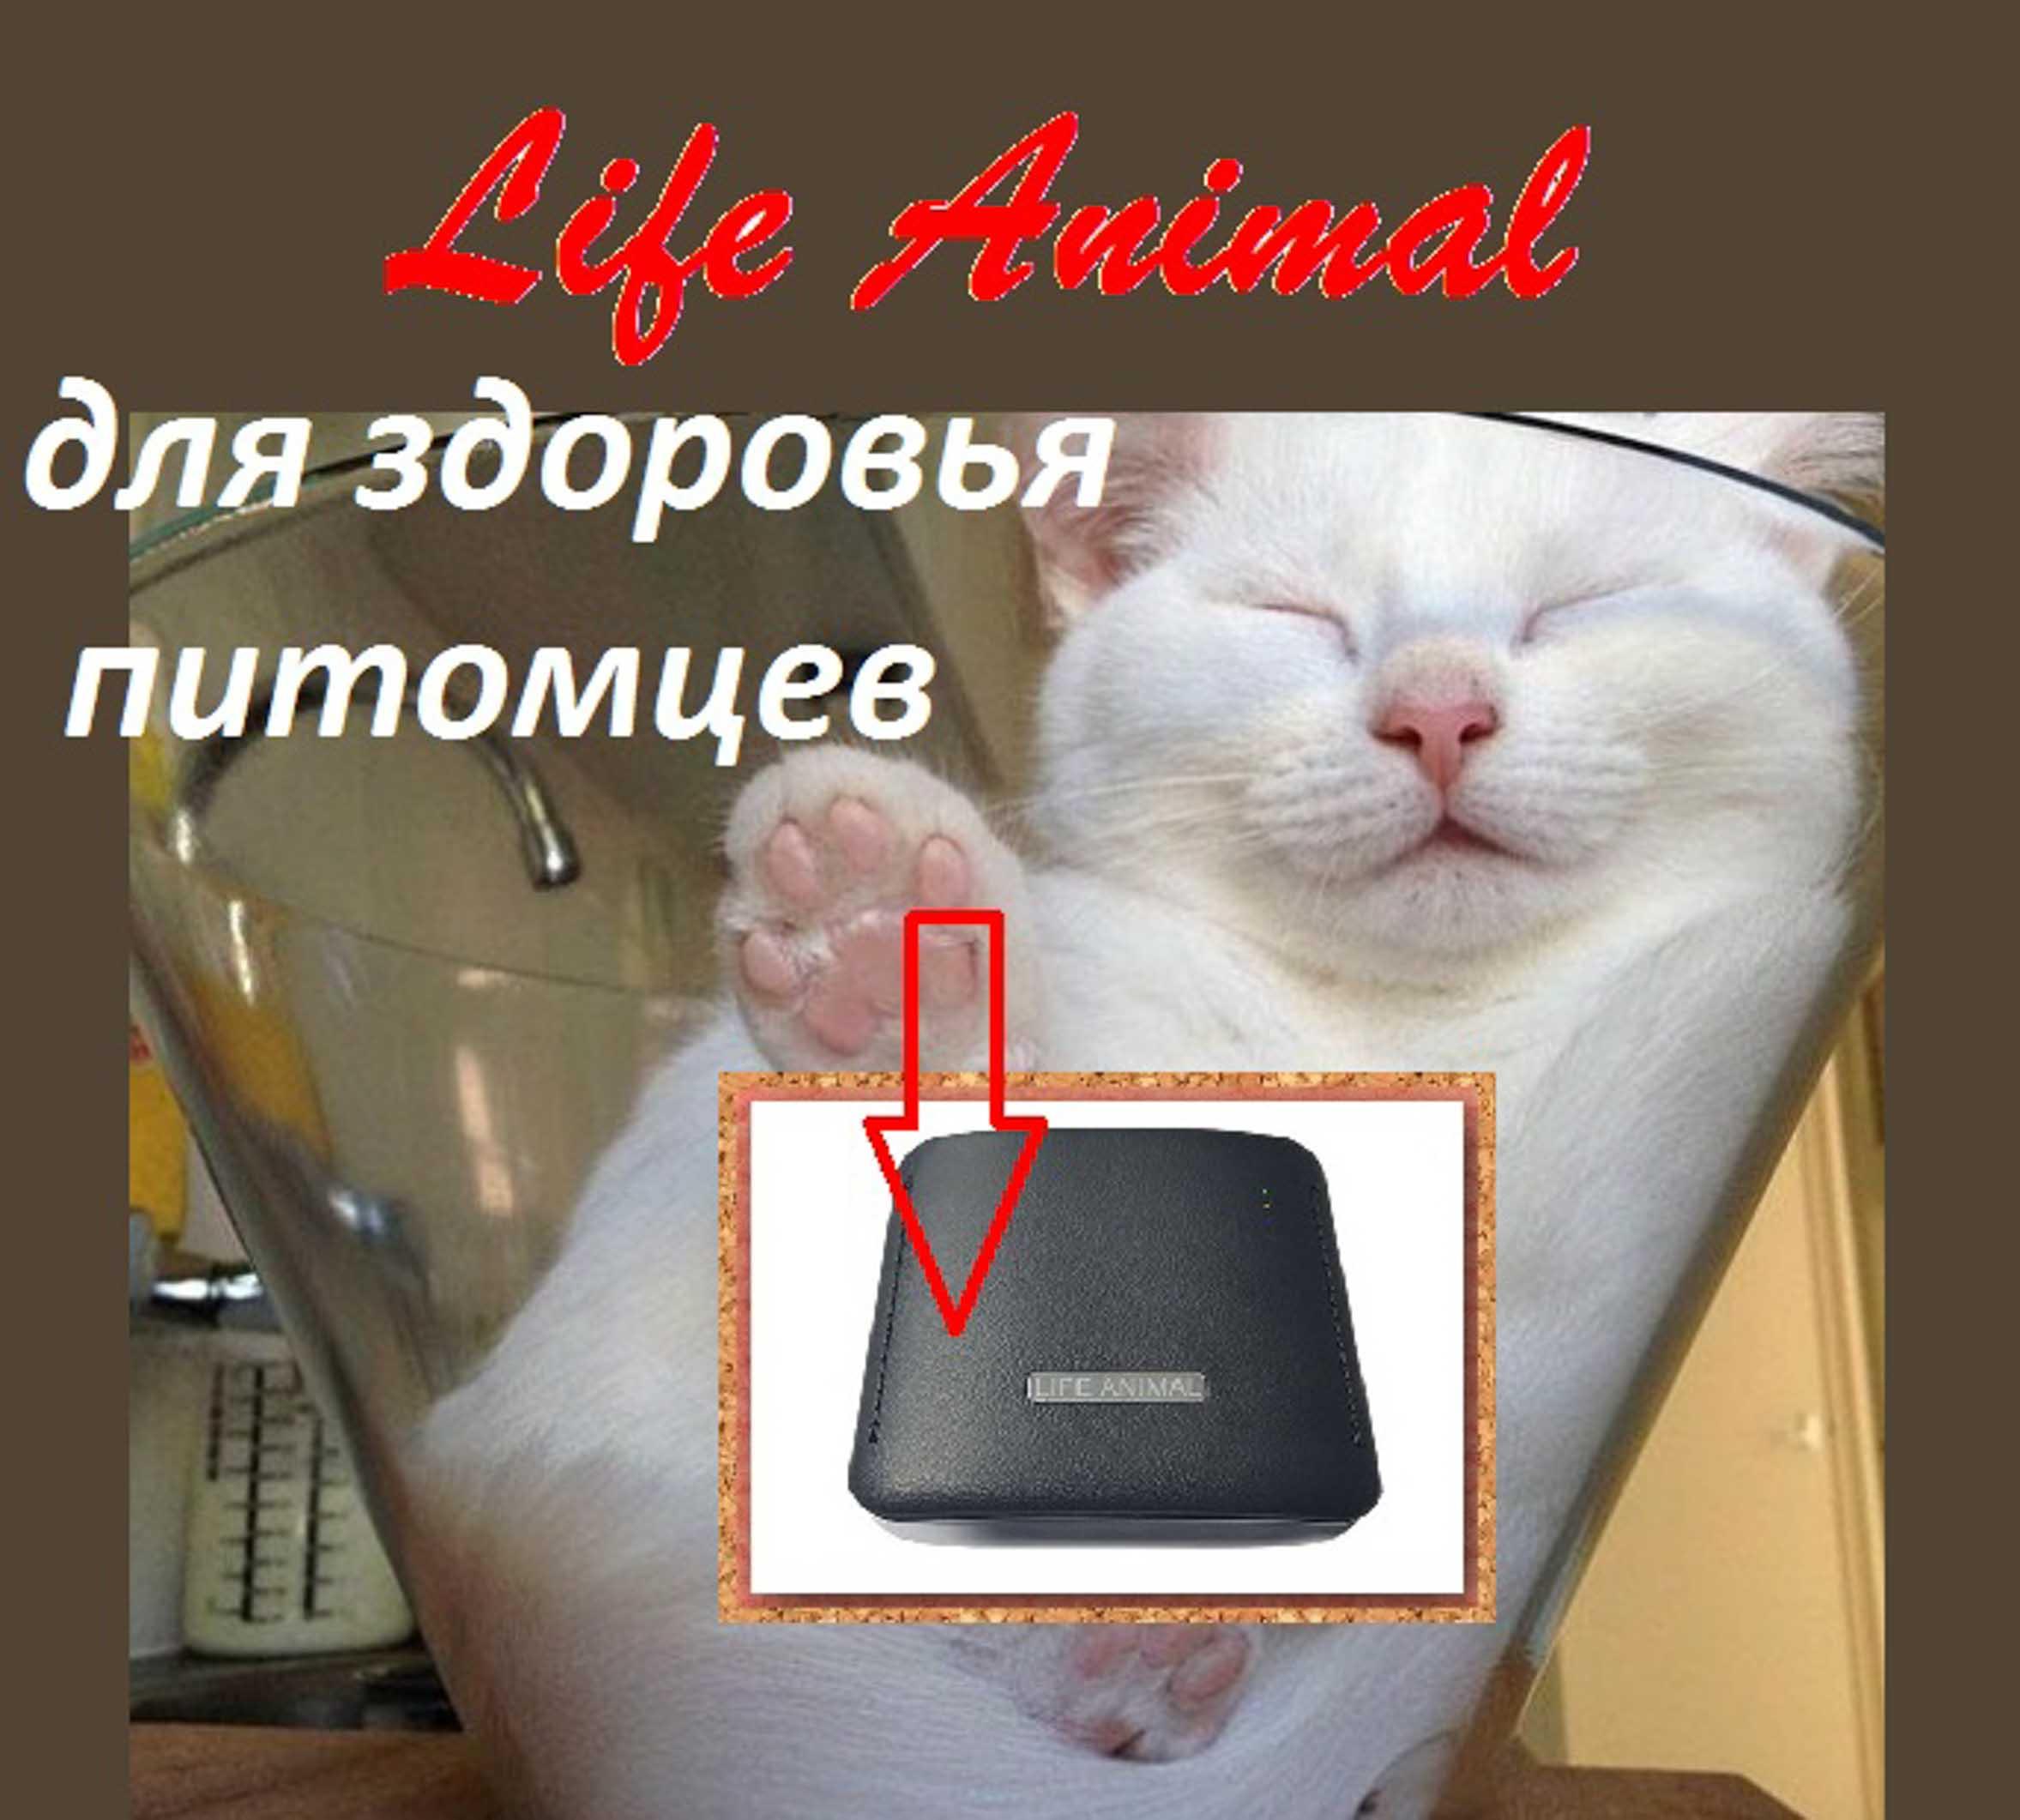 Лечение животных дома прибором Life Animal.  фото 4